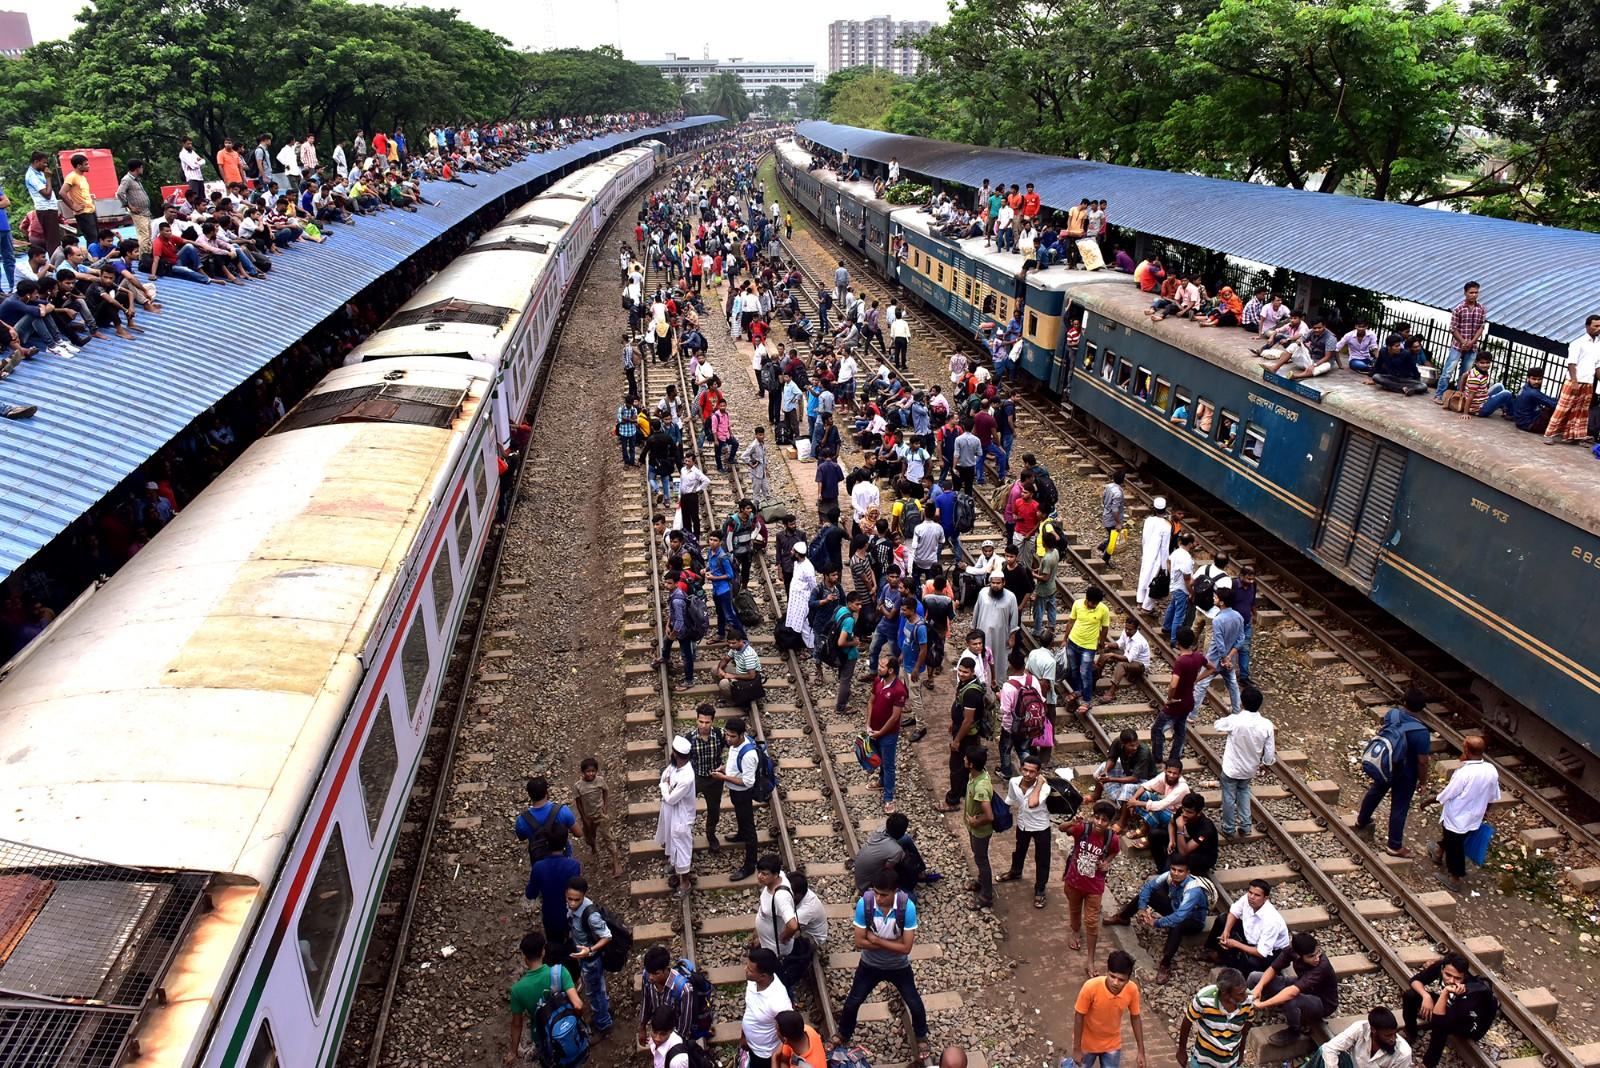 孟加拉国宰牲节返乡大潮 火车顶坐满人